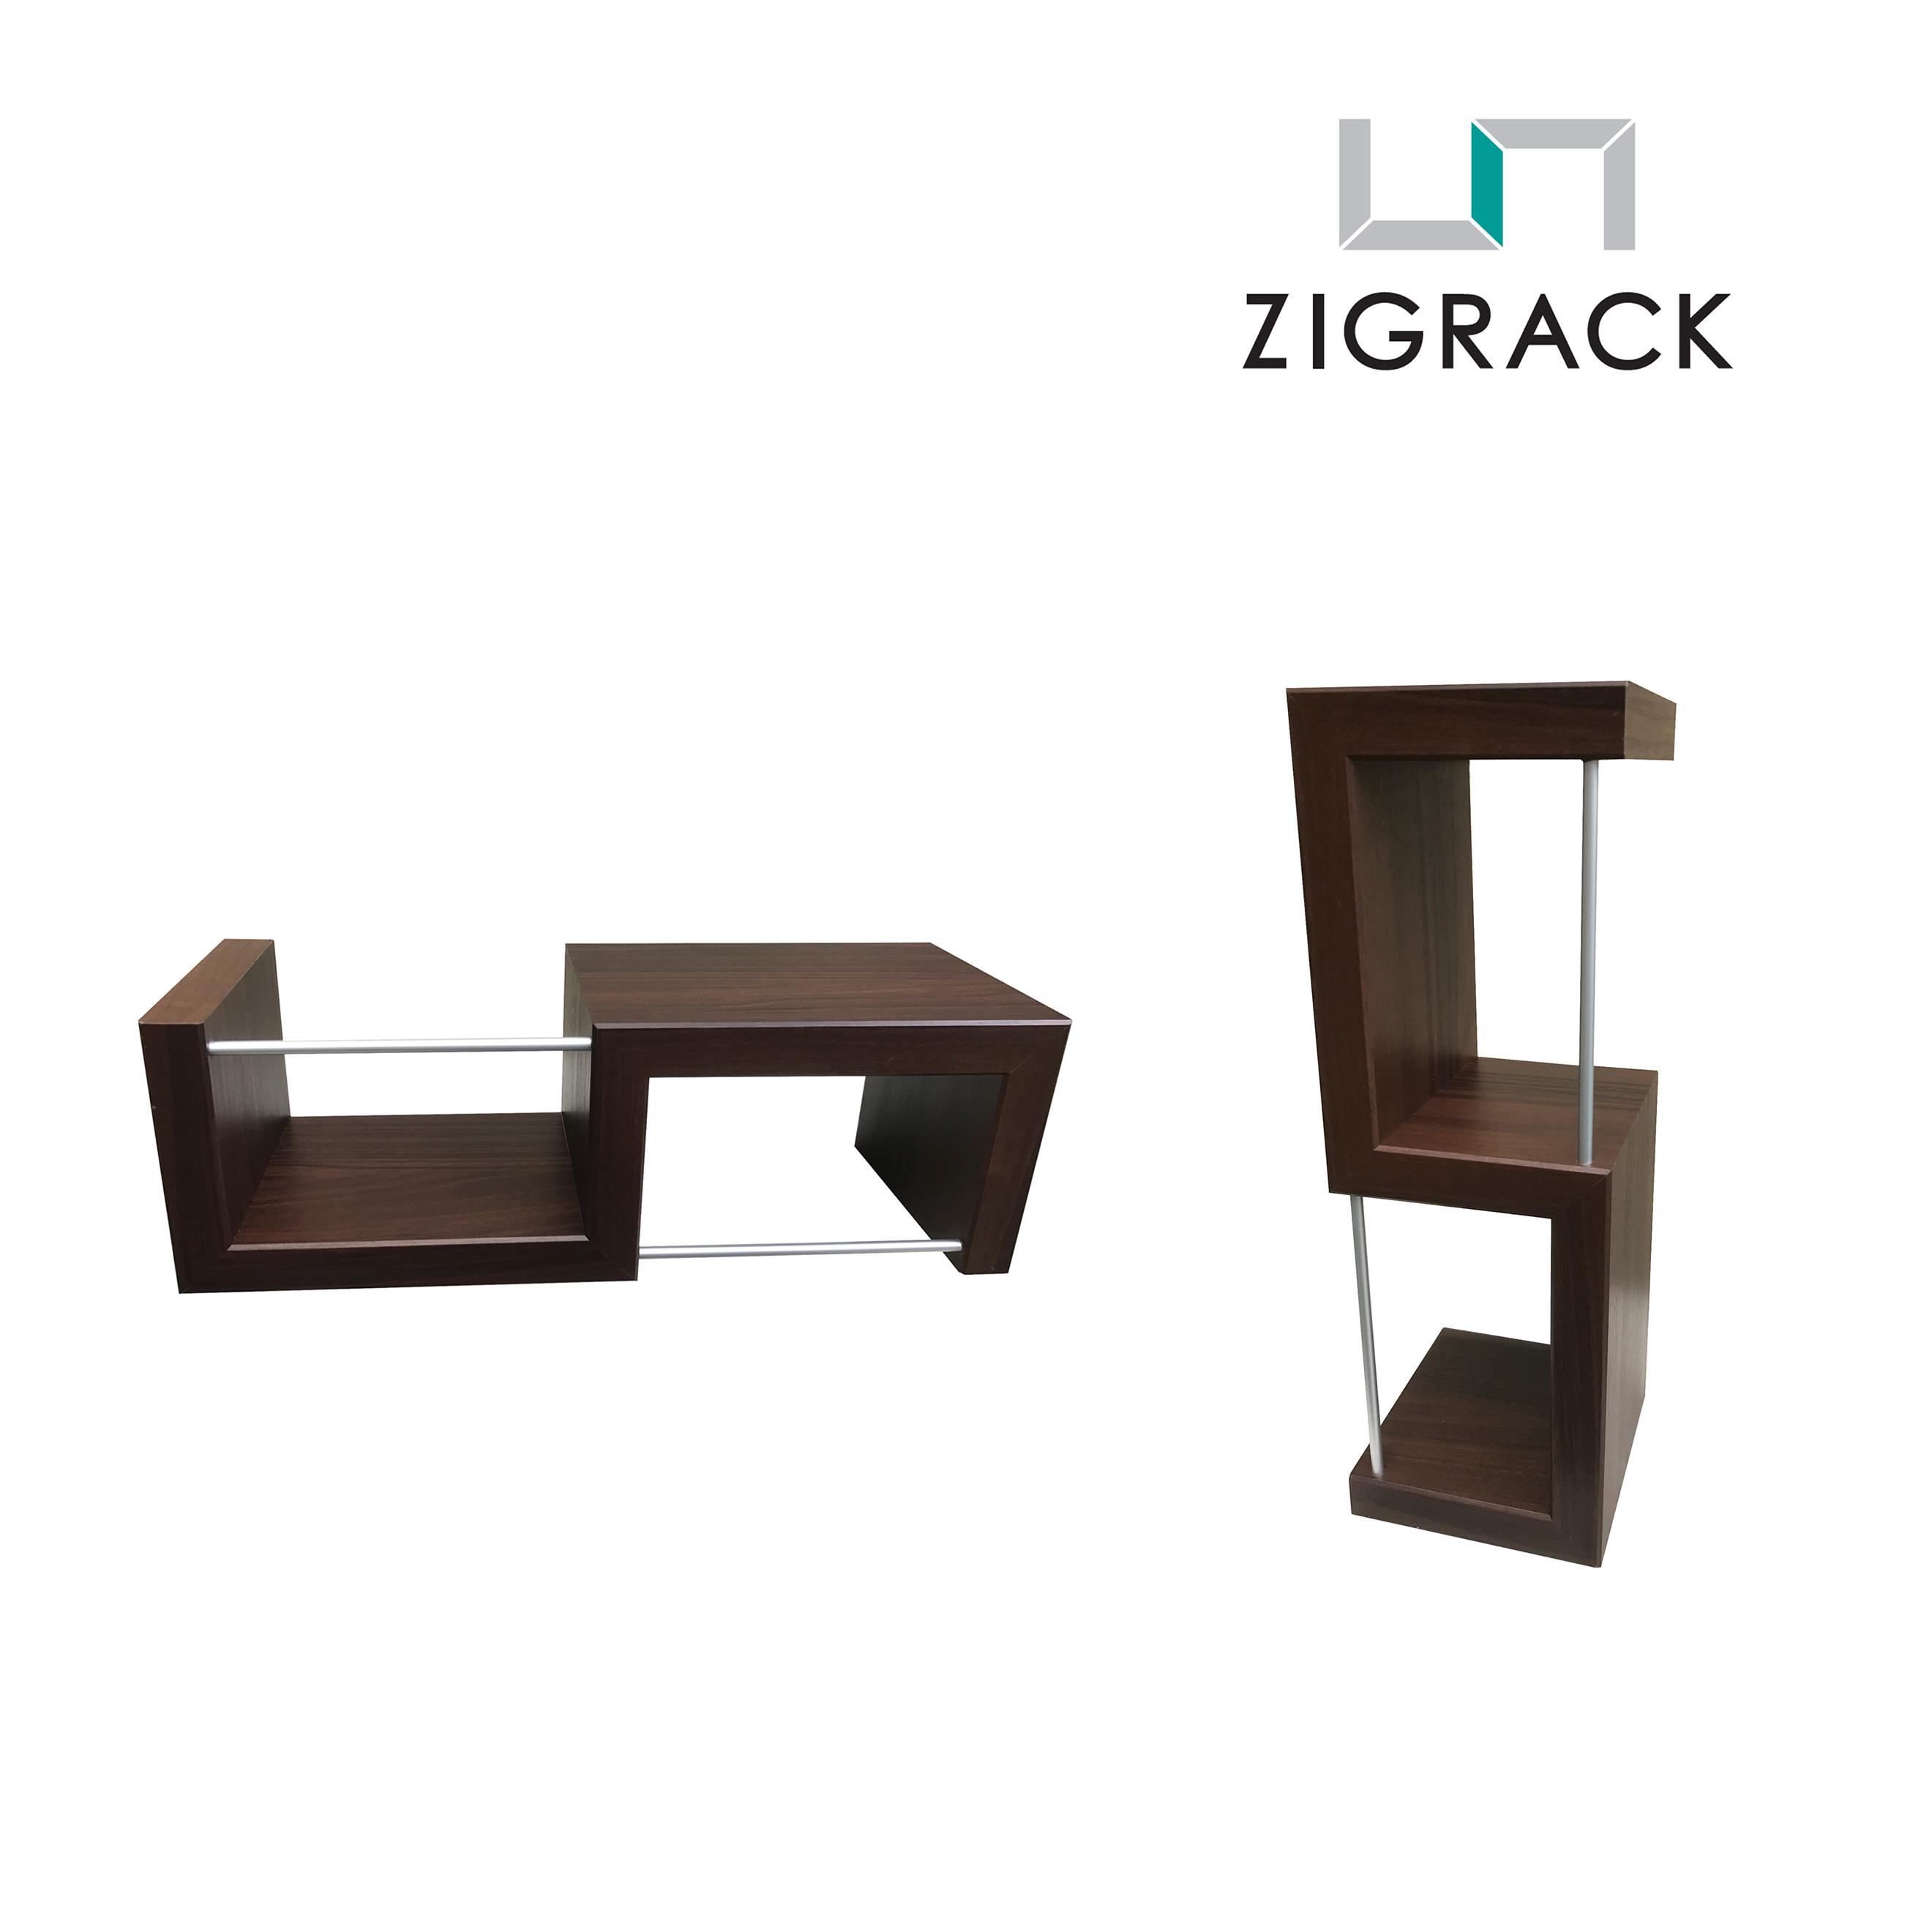 ZIG-1G